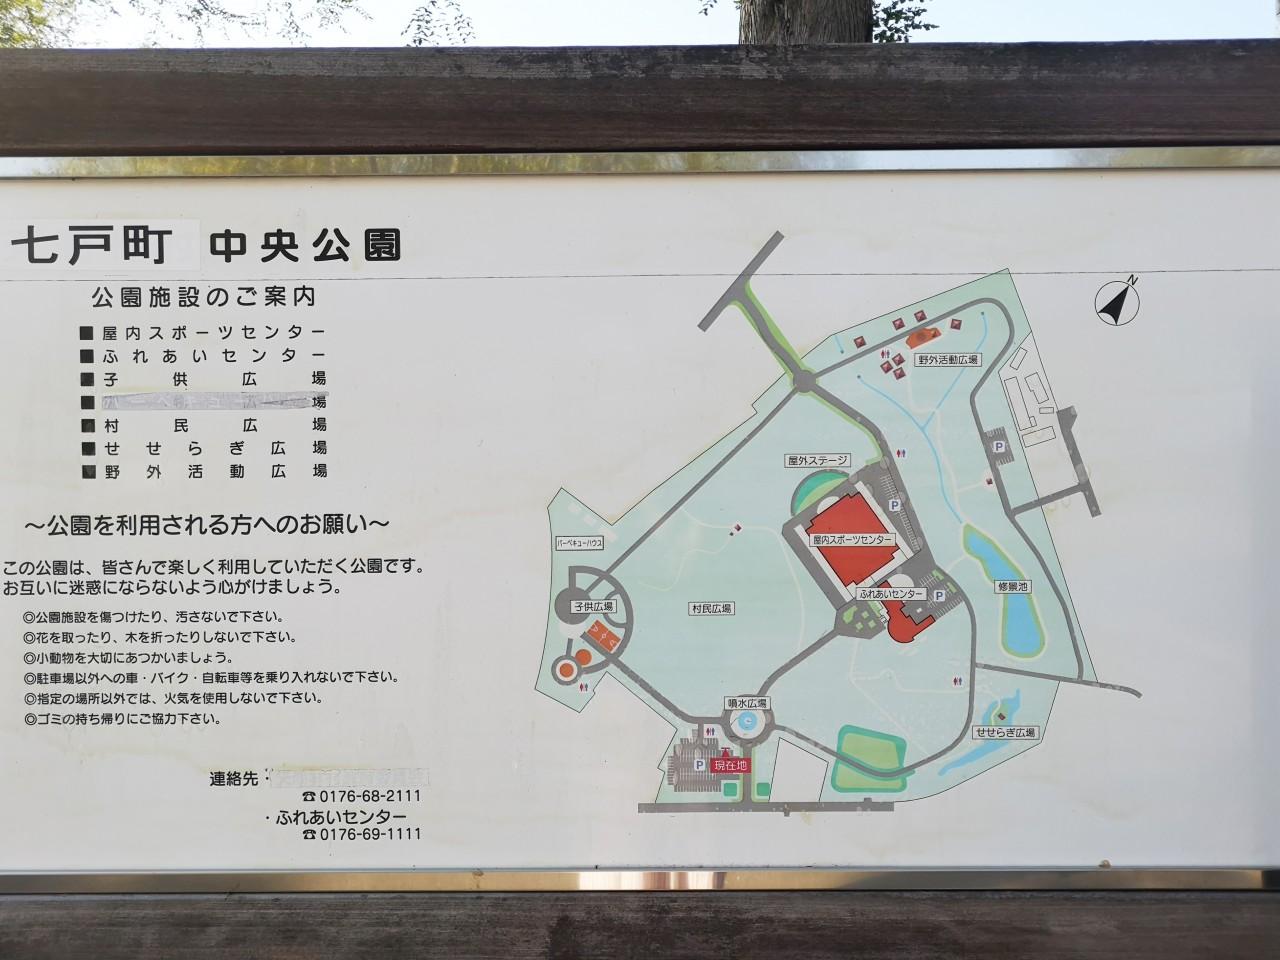 週末は県内の公園で遊び倒せ!七戸町中央公園の巻